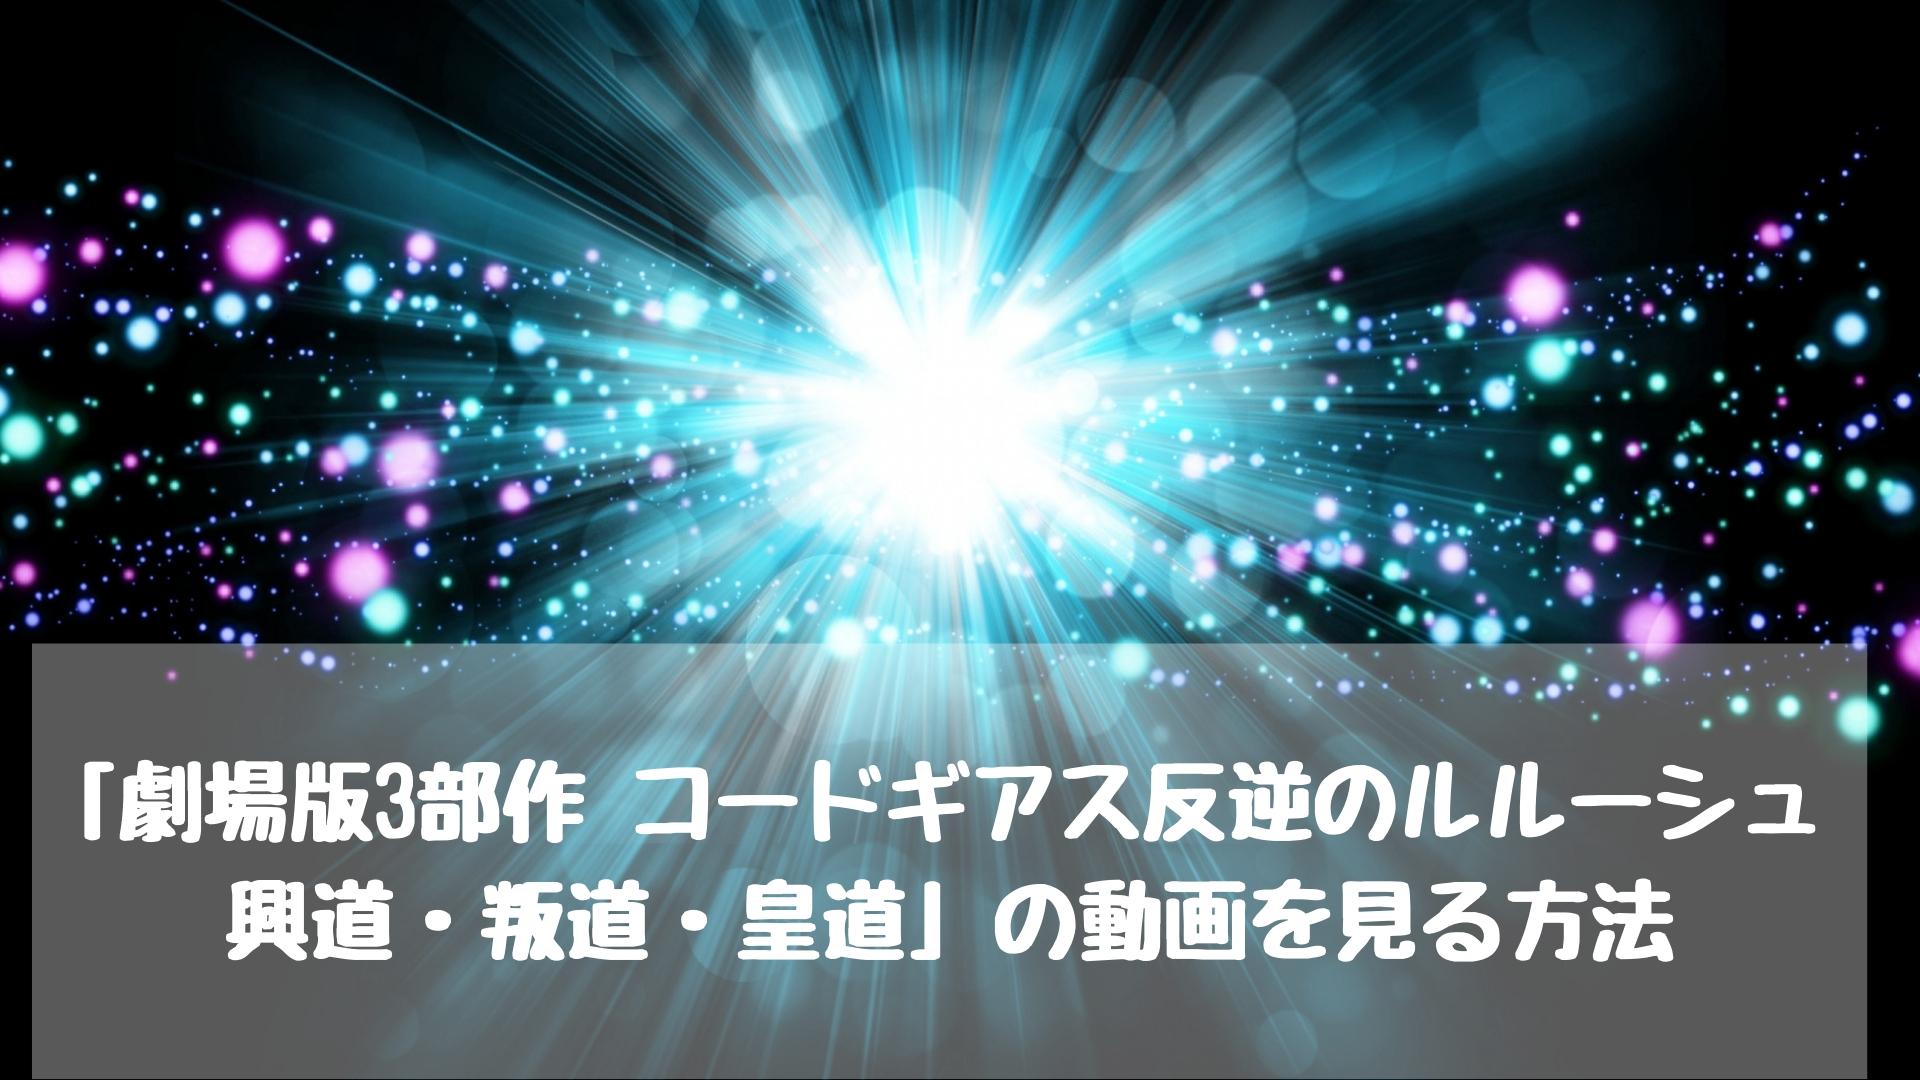 映画「劇場版3部作 コードギアス反逆のルルーシュ 興道・叛道・皇道」の動画を見る方法